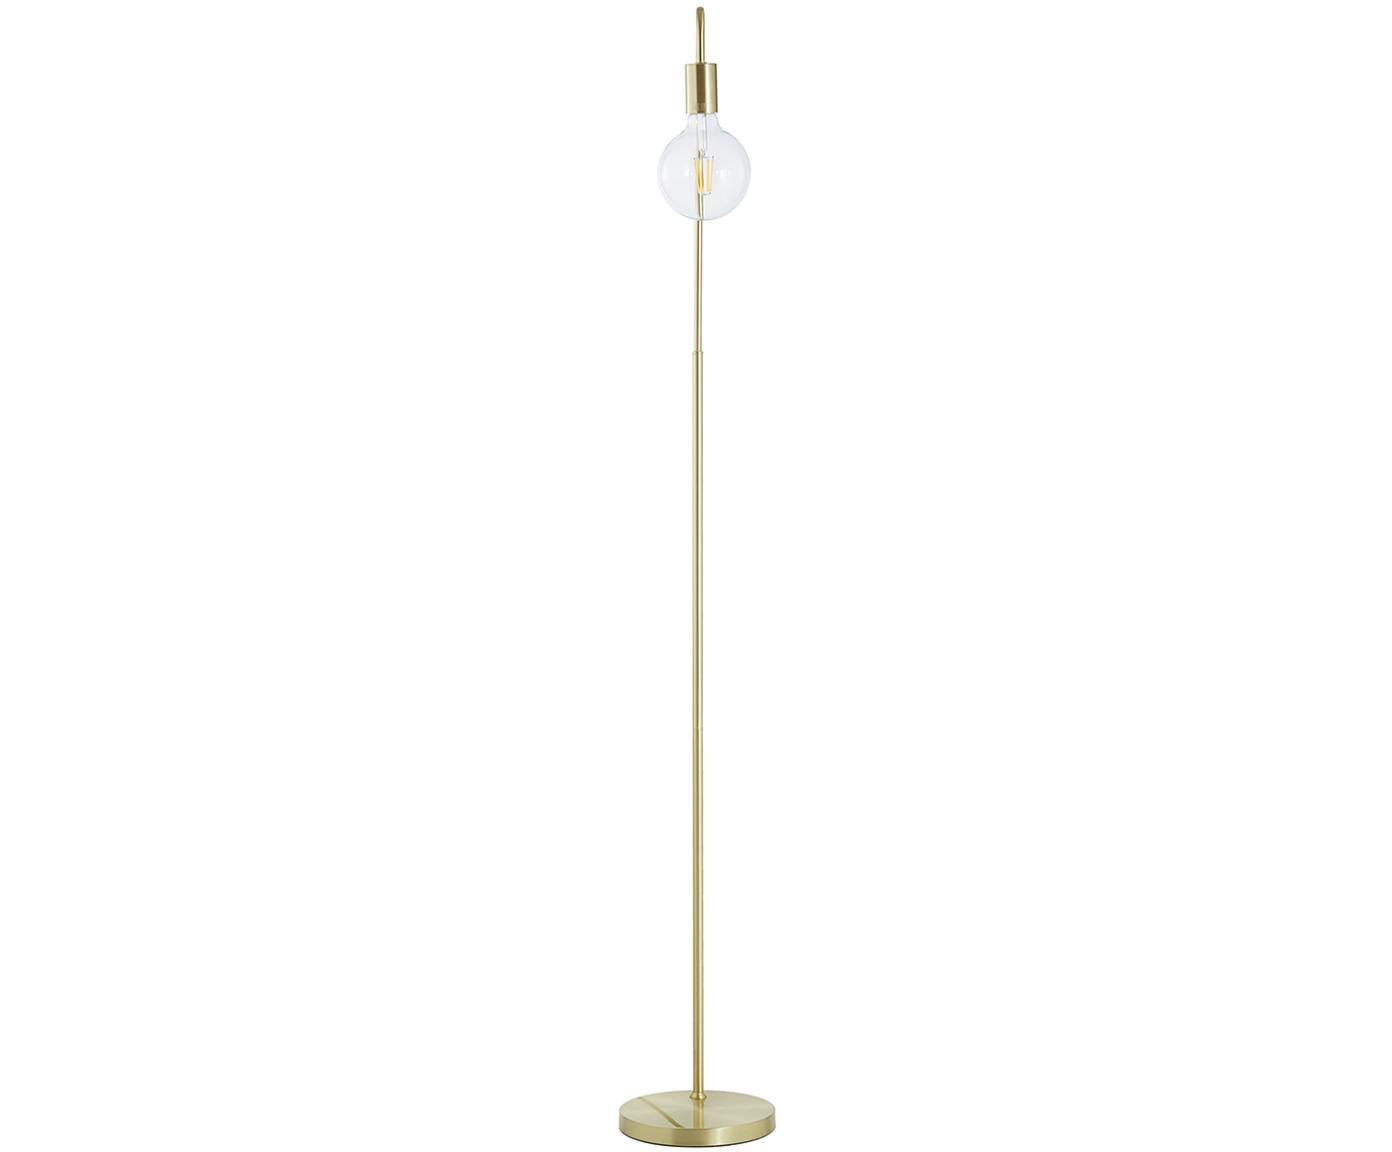 Vloerlamp Flow goudkleurig, Frame: vermessingd metaal, Geborsteld messingkleurig, 33 x 153 cm